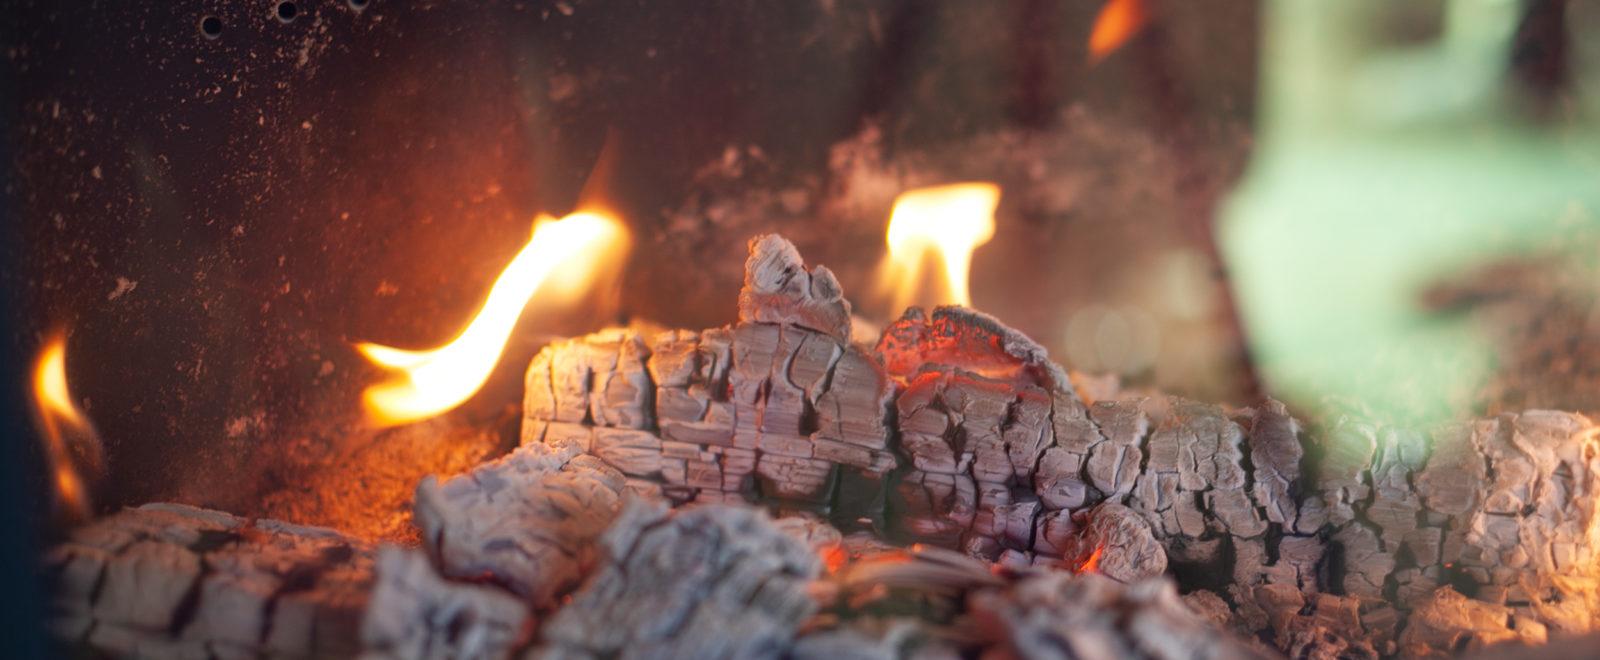 Flammer dårlig trekk